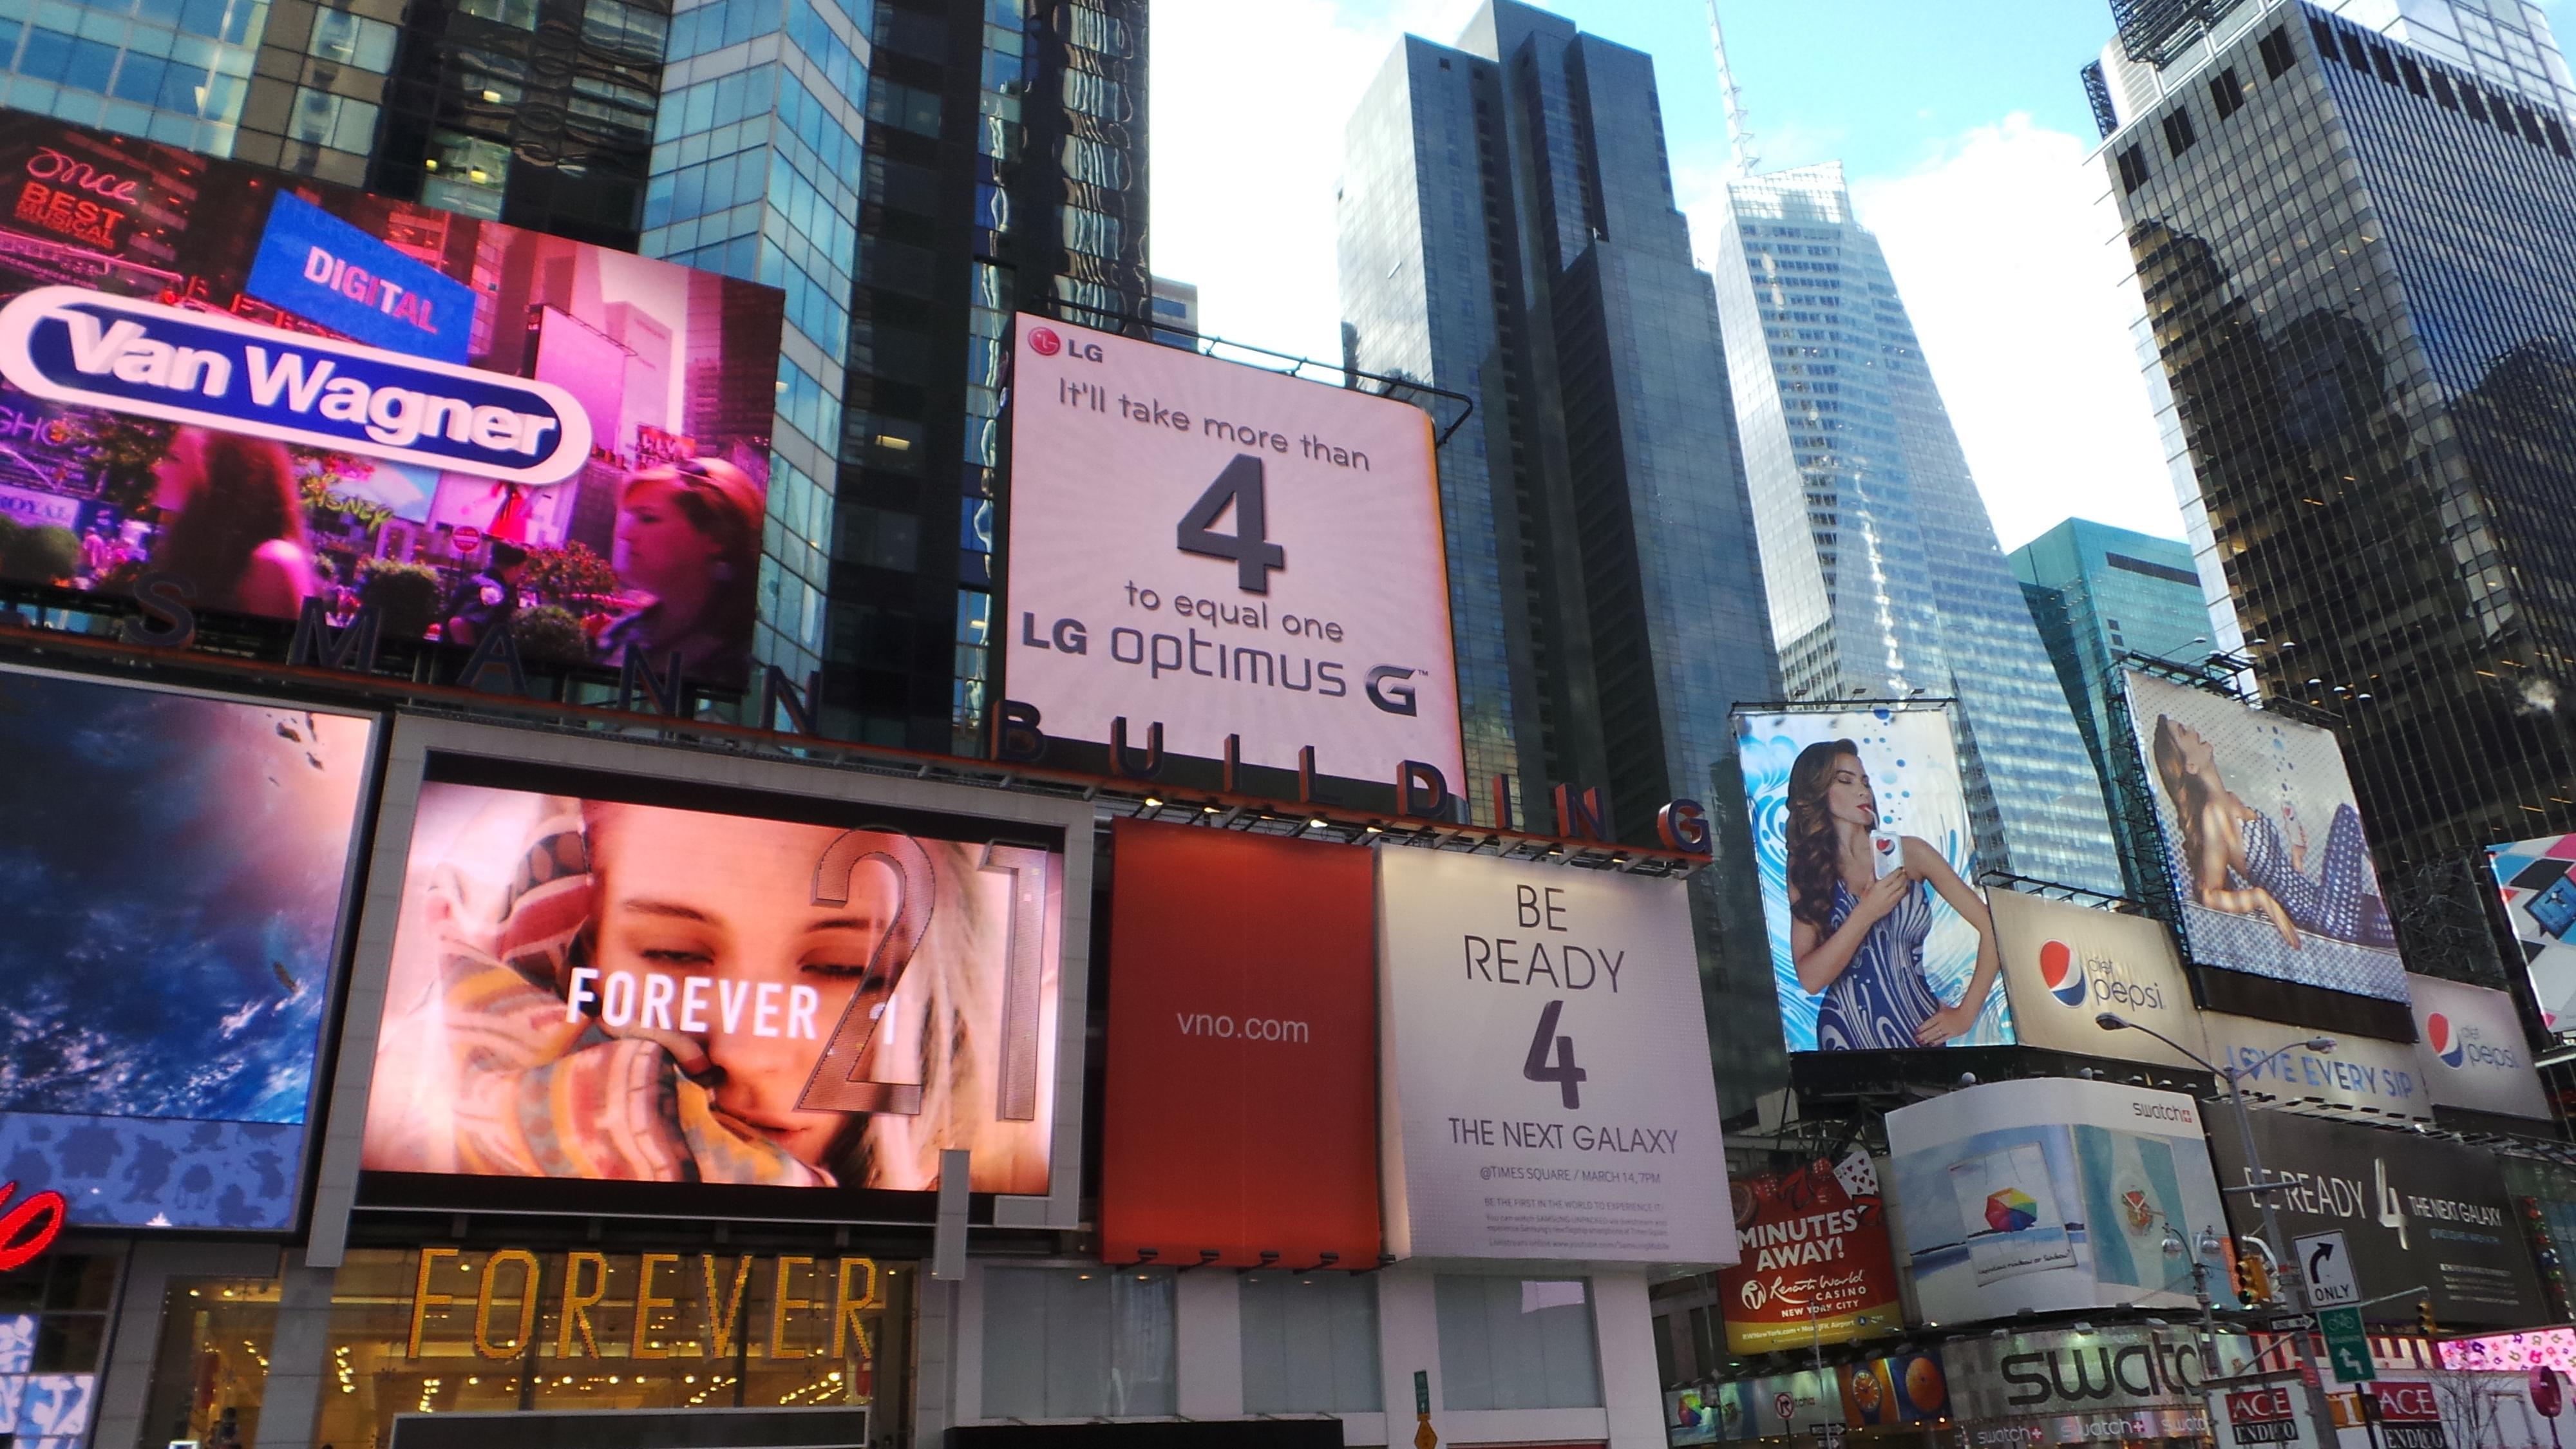 Da Samsung lanserte Galaxy S4 i New York, hadde LG flere gigantiske bannere som spilte på Samsungs lansering.Foto: Espen Irwing Swang, Amobil.no